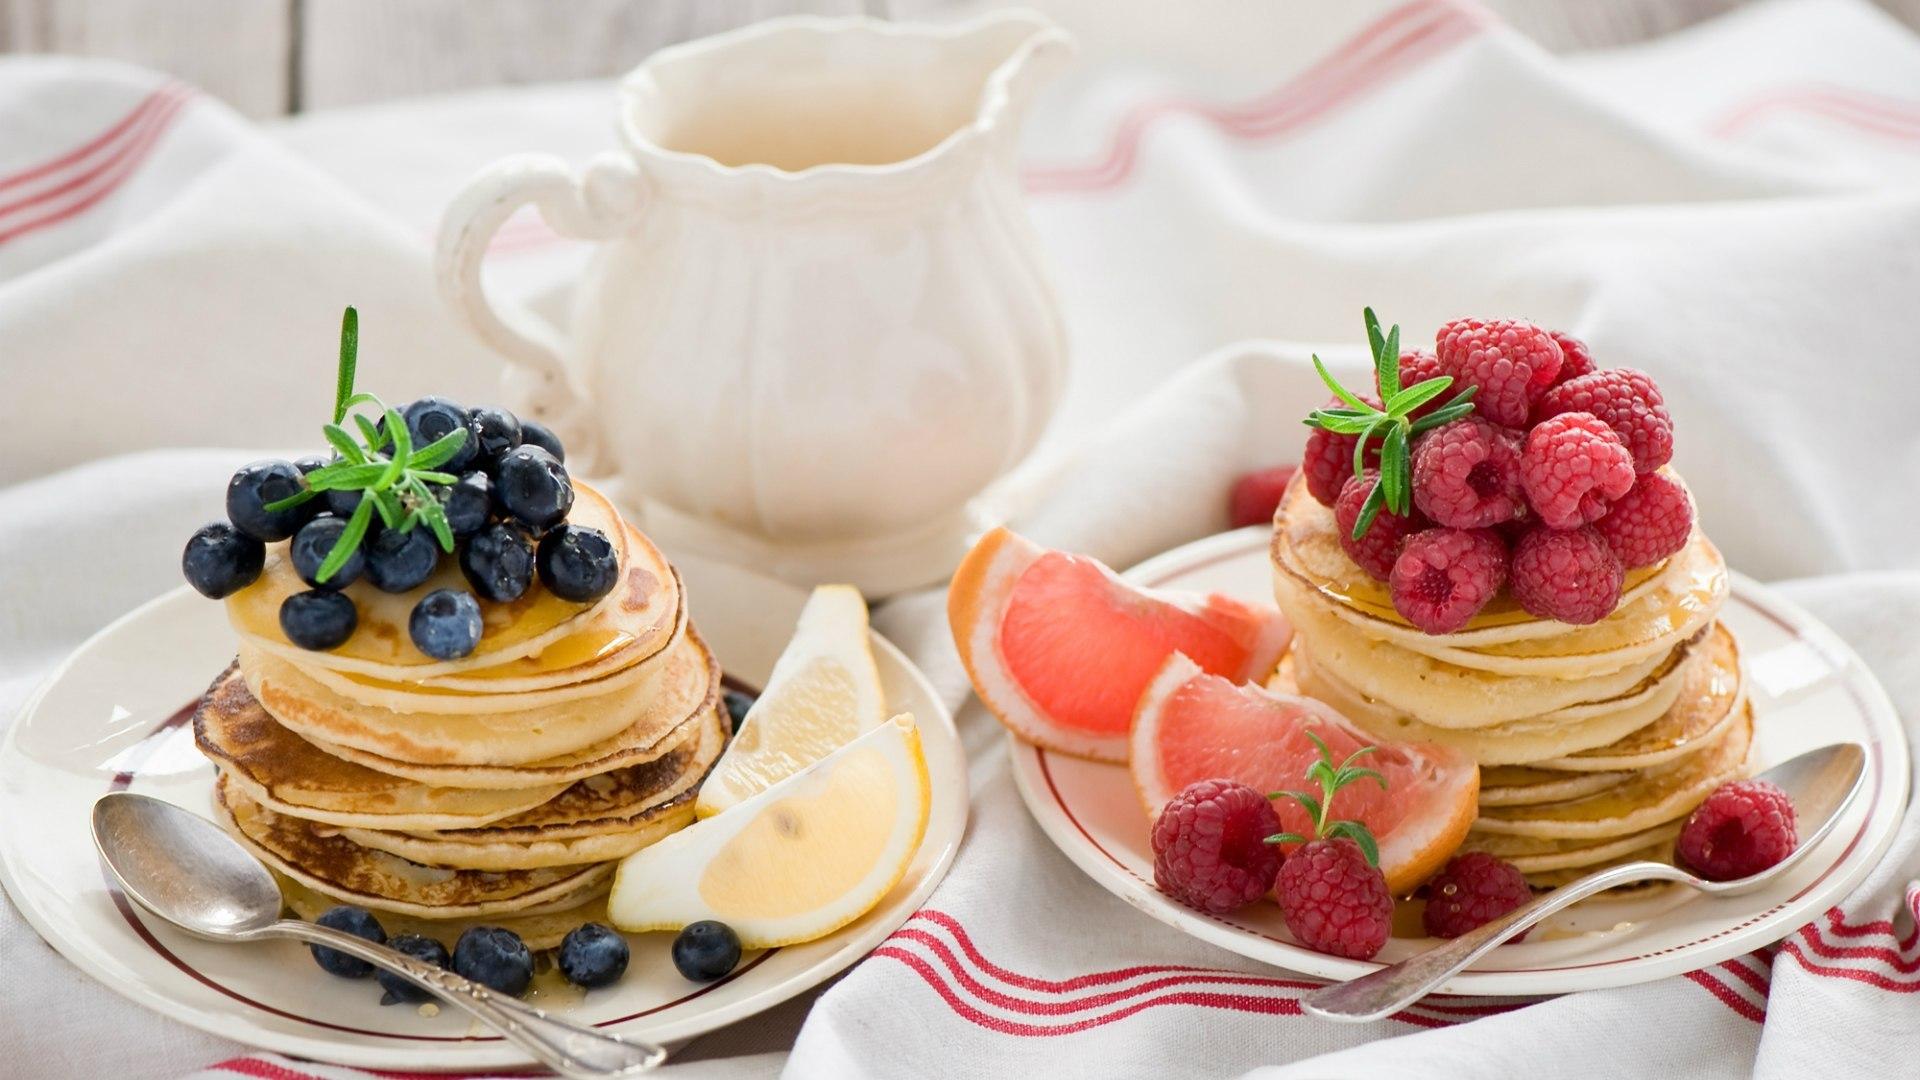 壁紙 パンケーキ ラズベリー ブルーベリー 食品 ダウンロード 写真